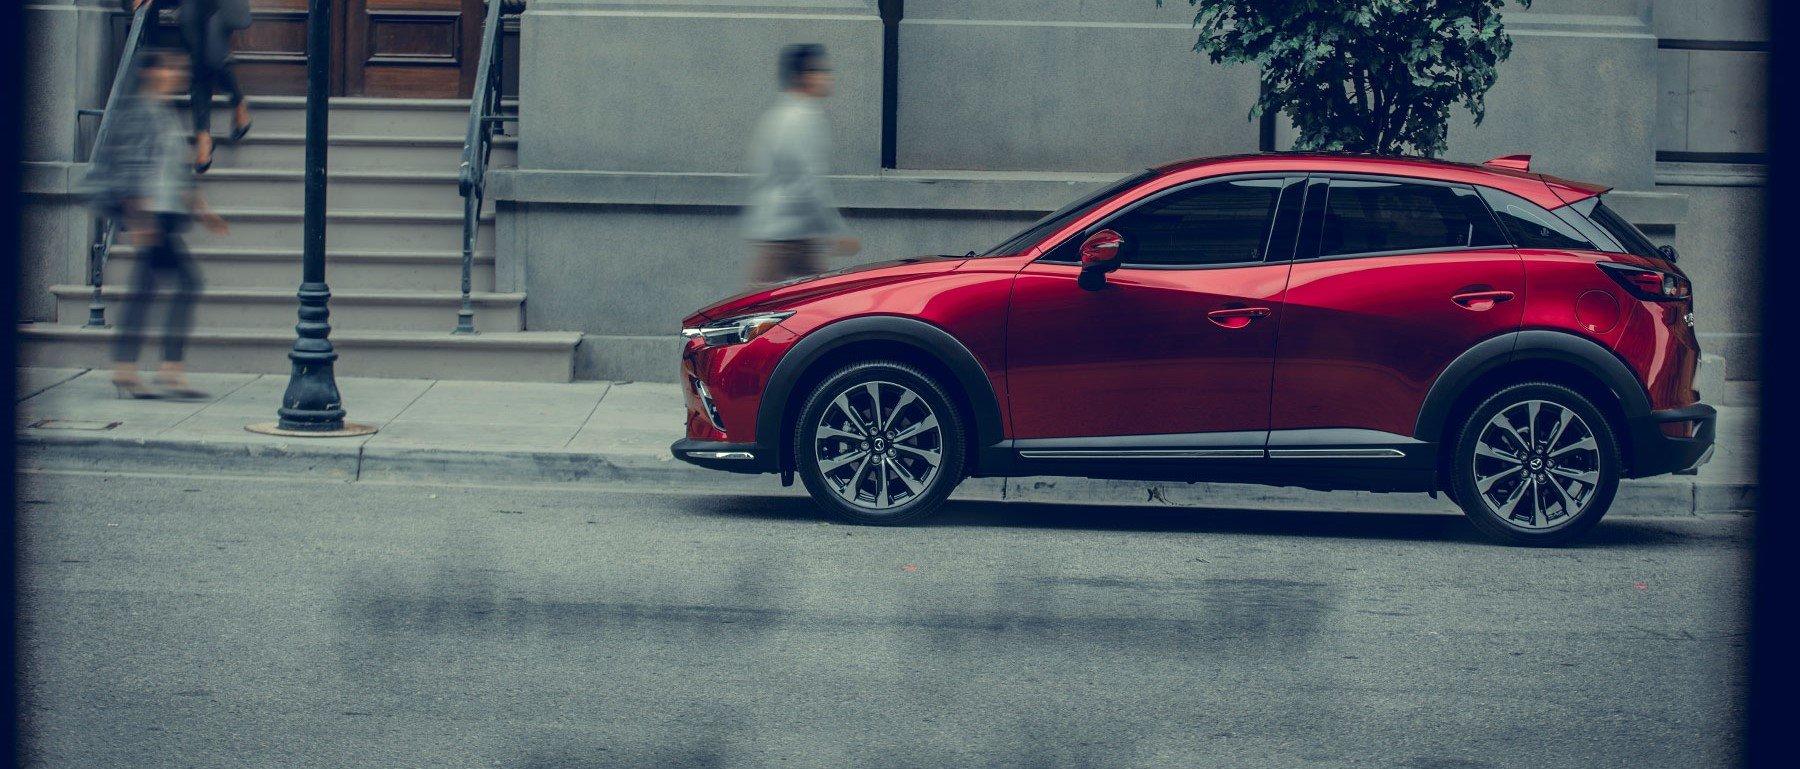 Mazda Cx 3 Lease Deals Specials Cicero Ny